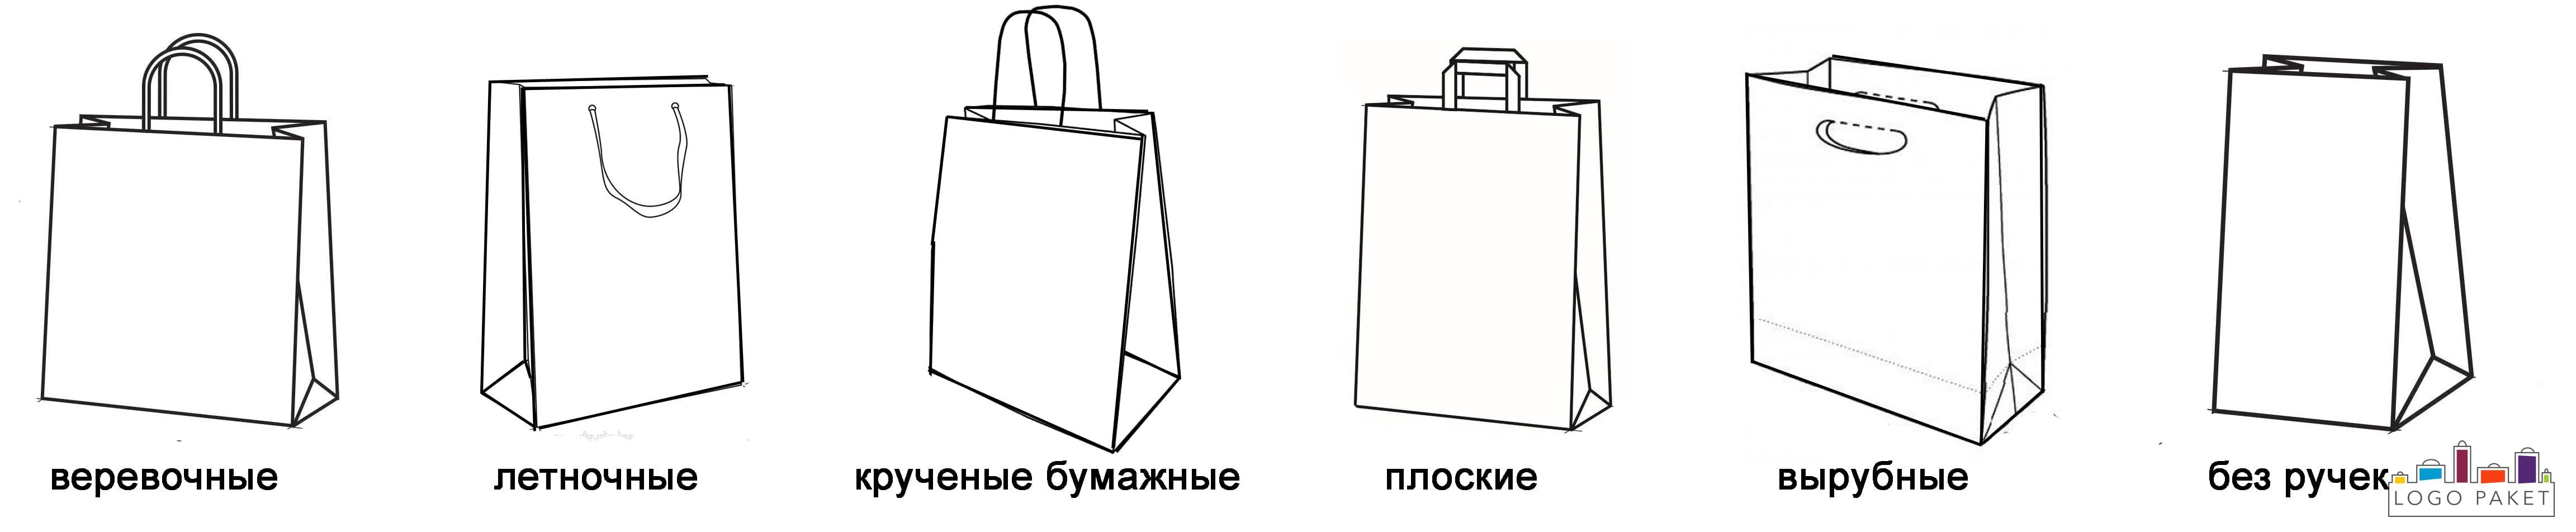 Ручки на бумажных пакетах инфографика